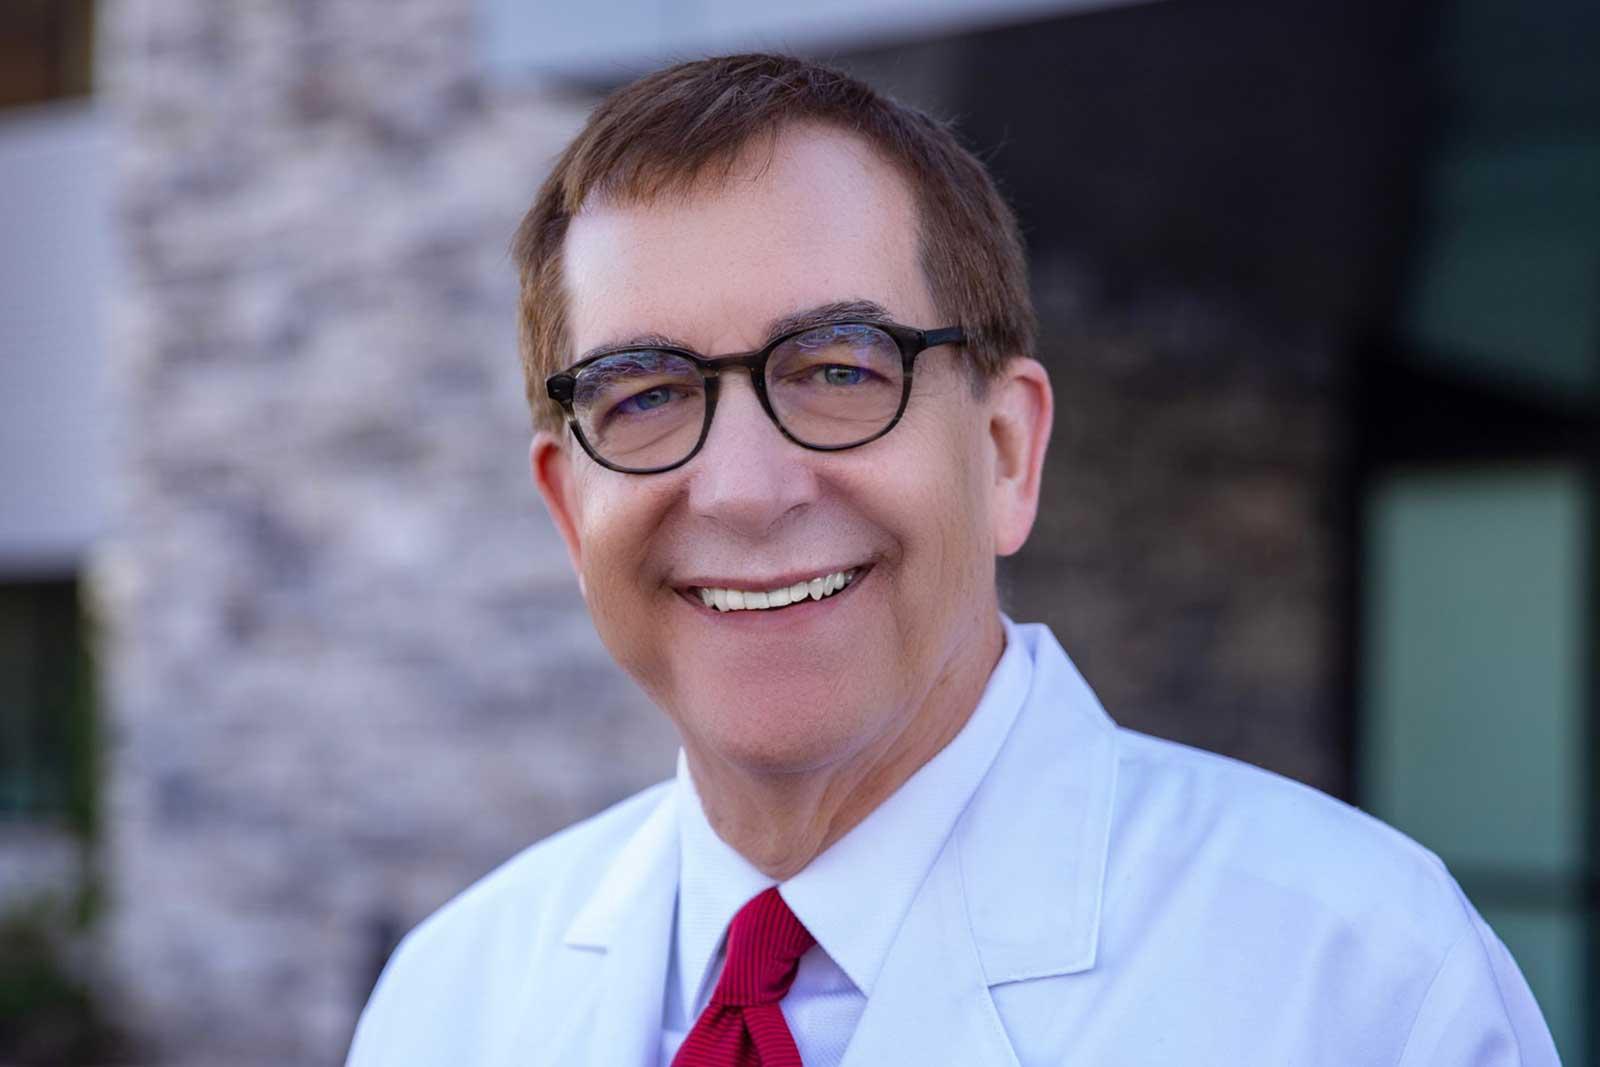 S. Dean Brown, M.D.